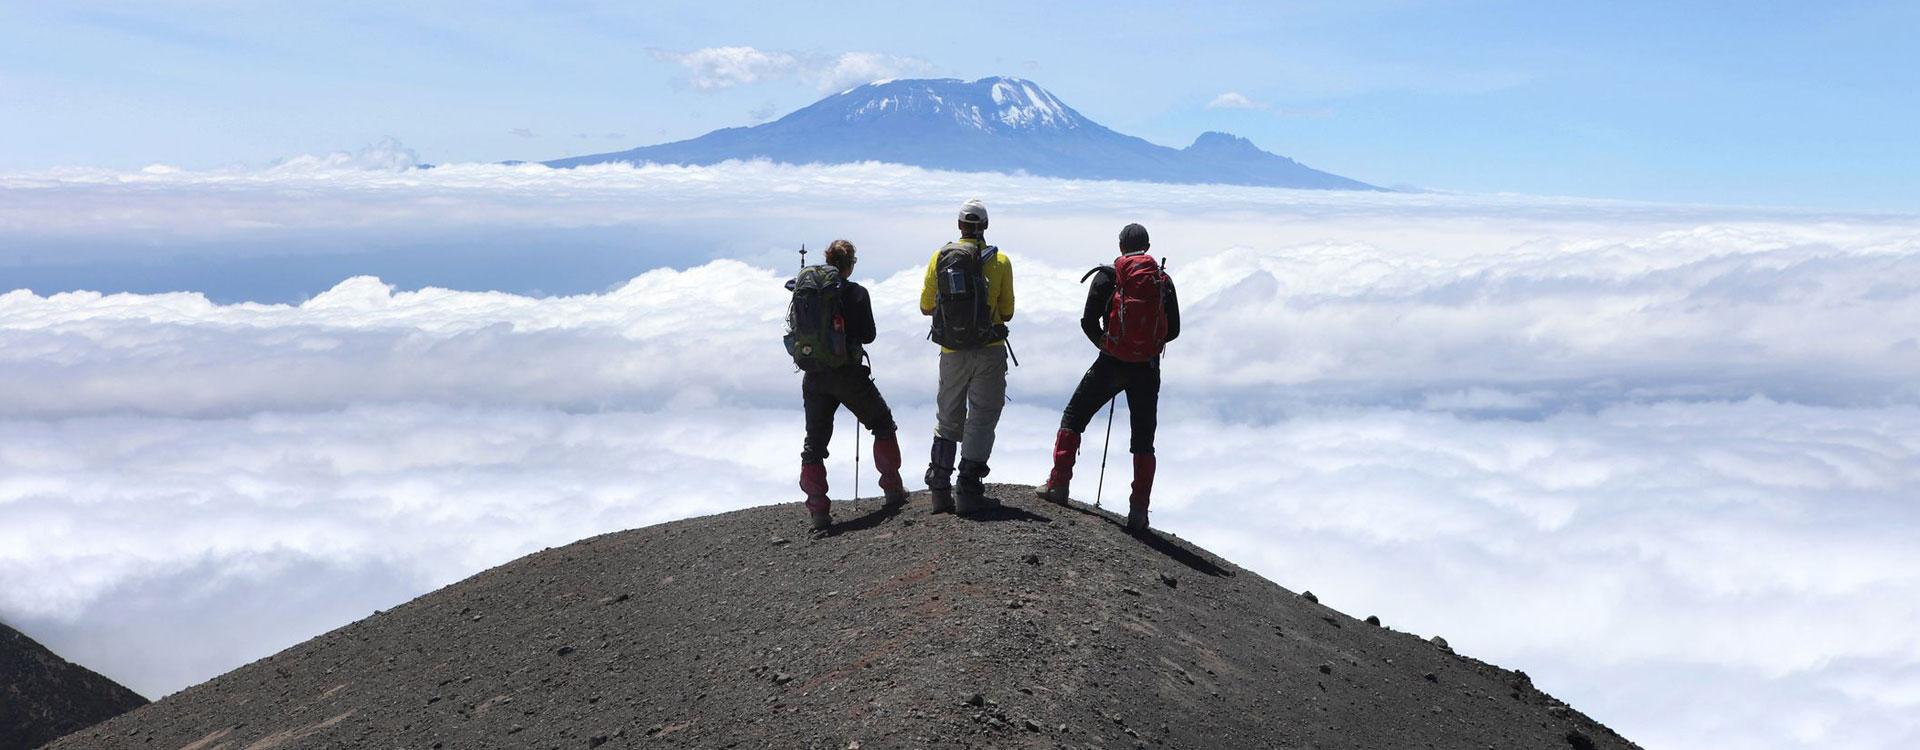 Join Kilimanjaro Group